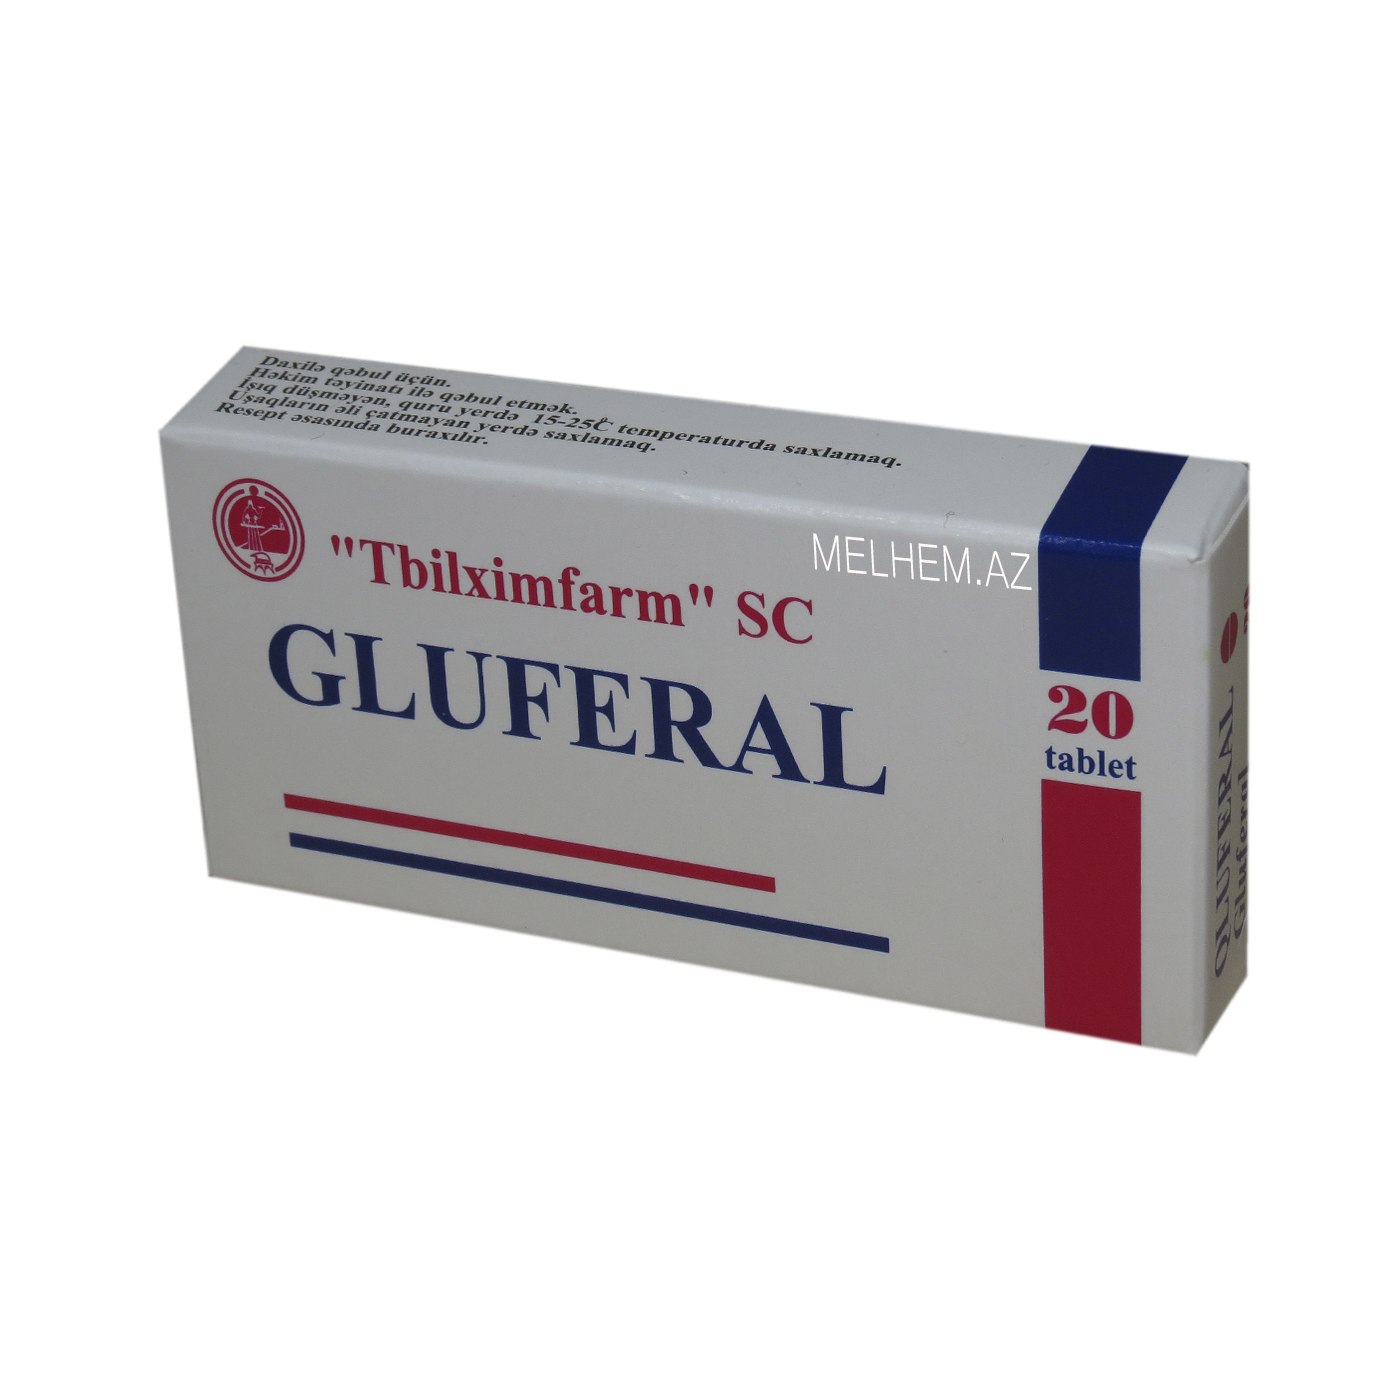 GLUFERAL N20